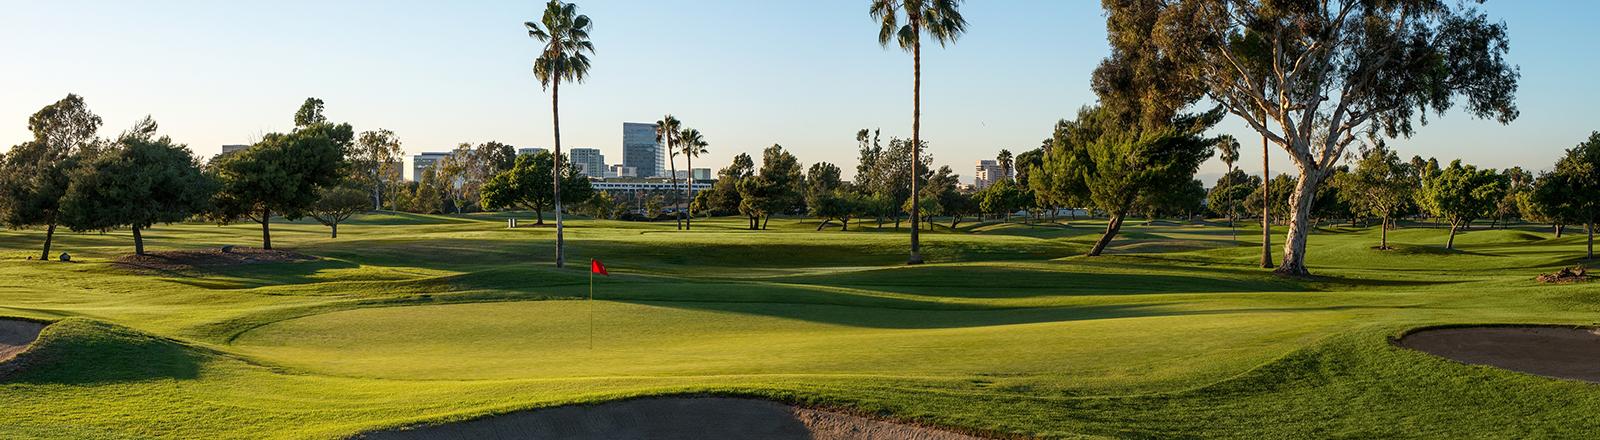 Rancho San Joaquin Golf Course Header